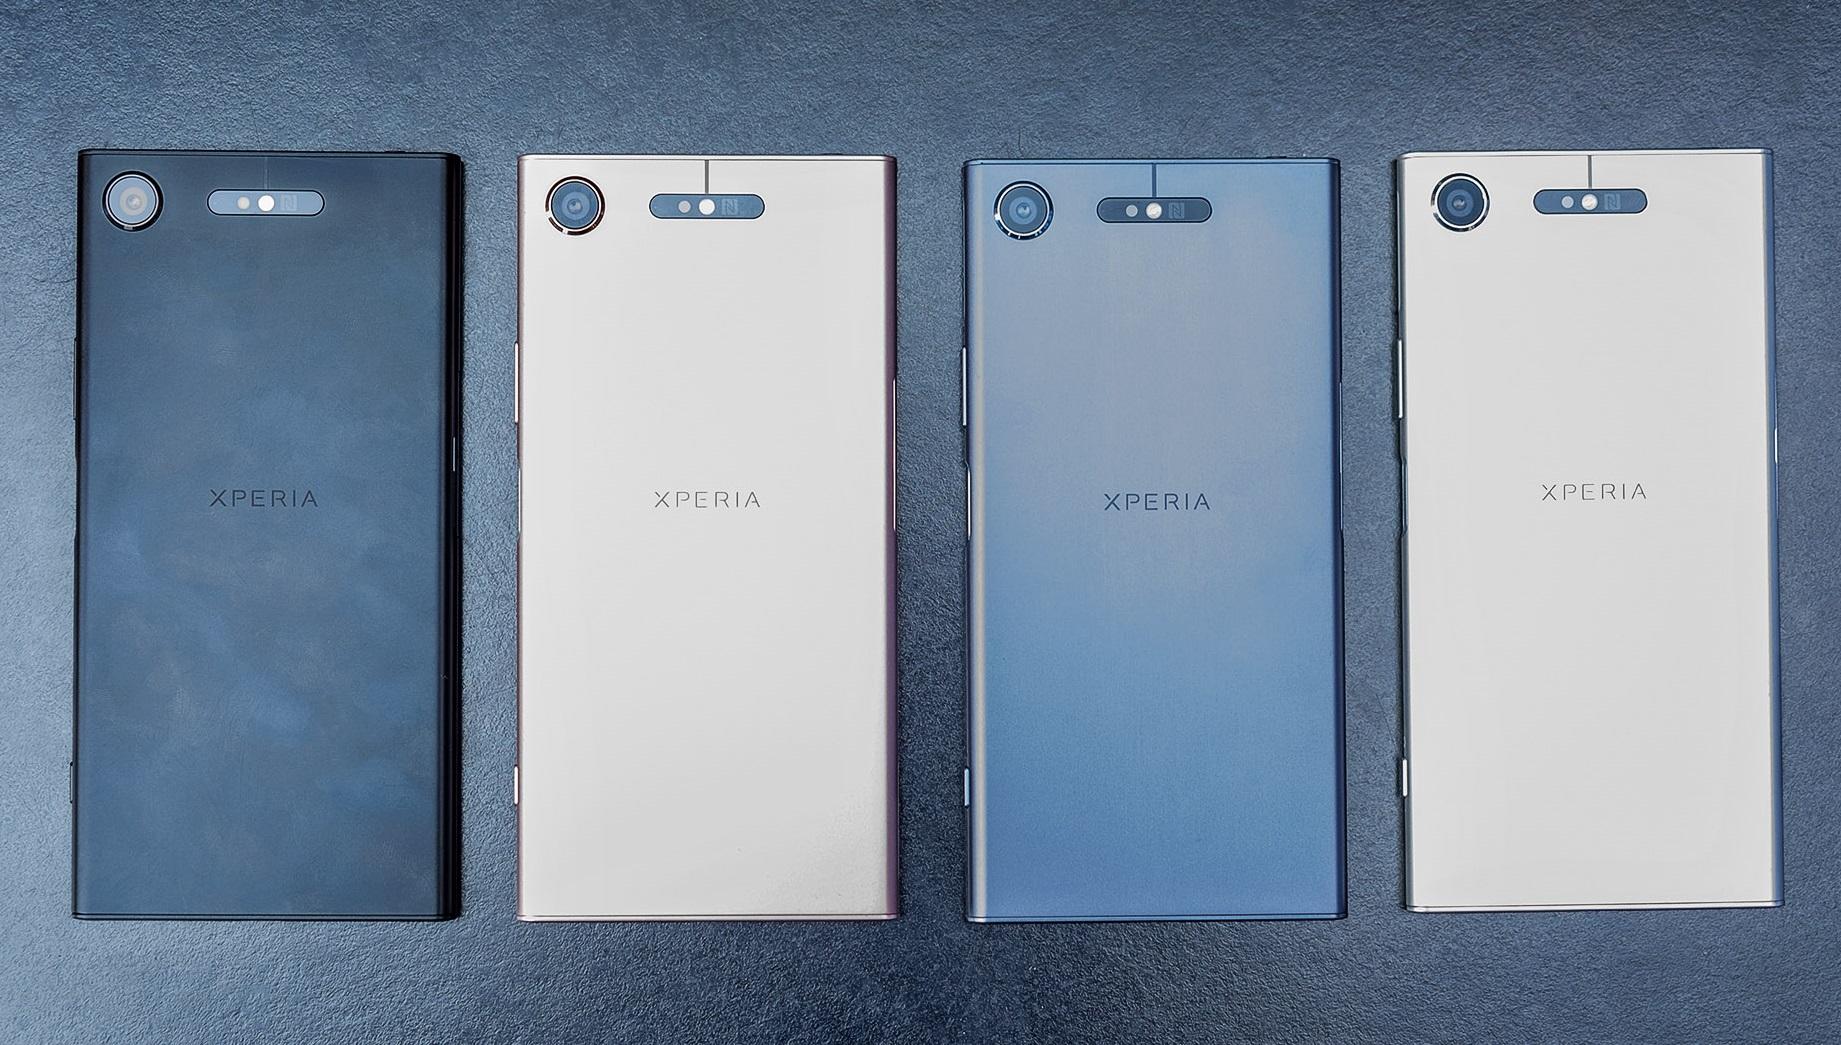 Обзор смартфона Sony Xperia XZ1 - дизайн